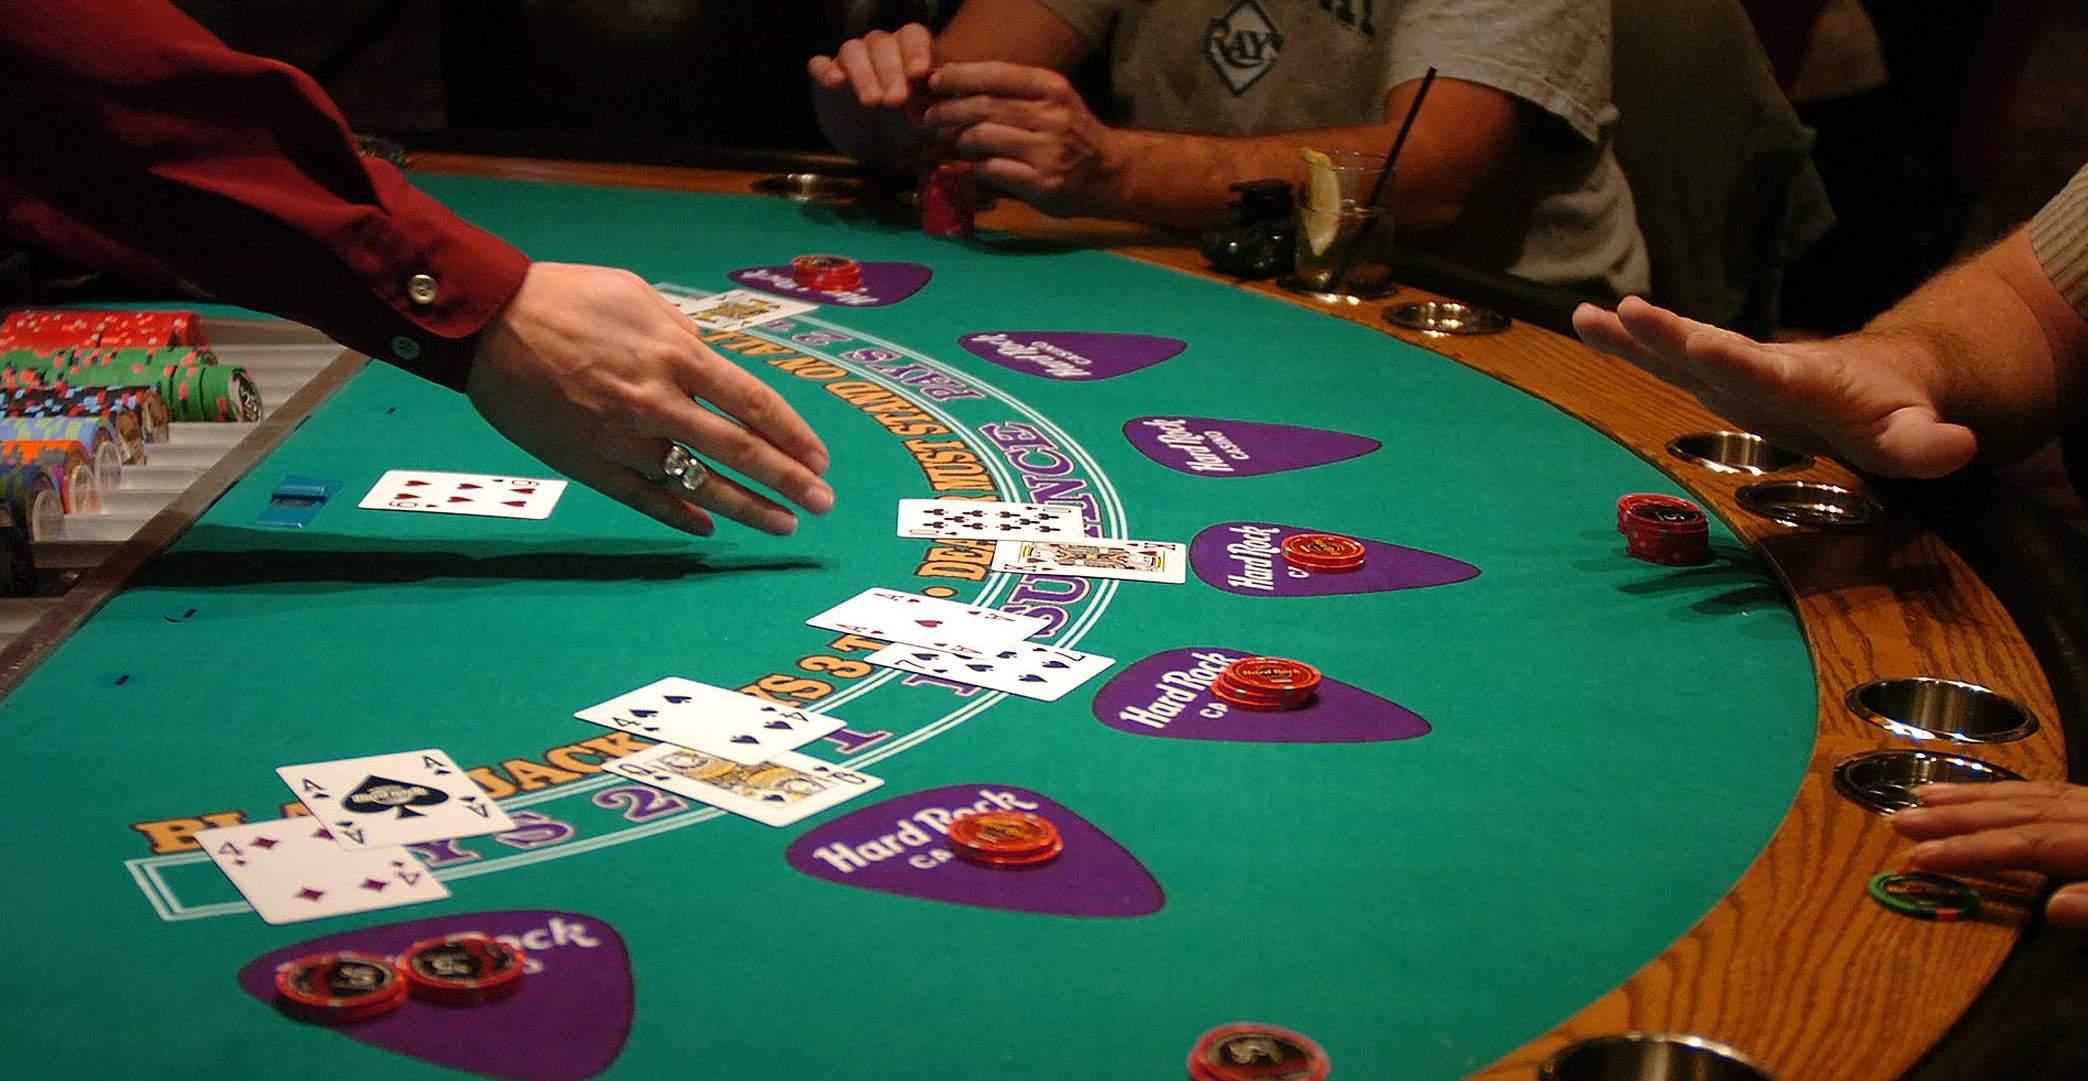 Le blackjack, un loisir de prédilection